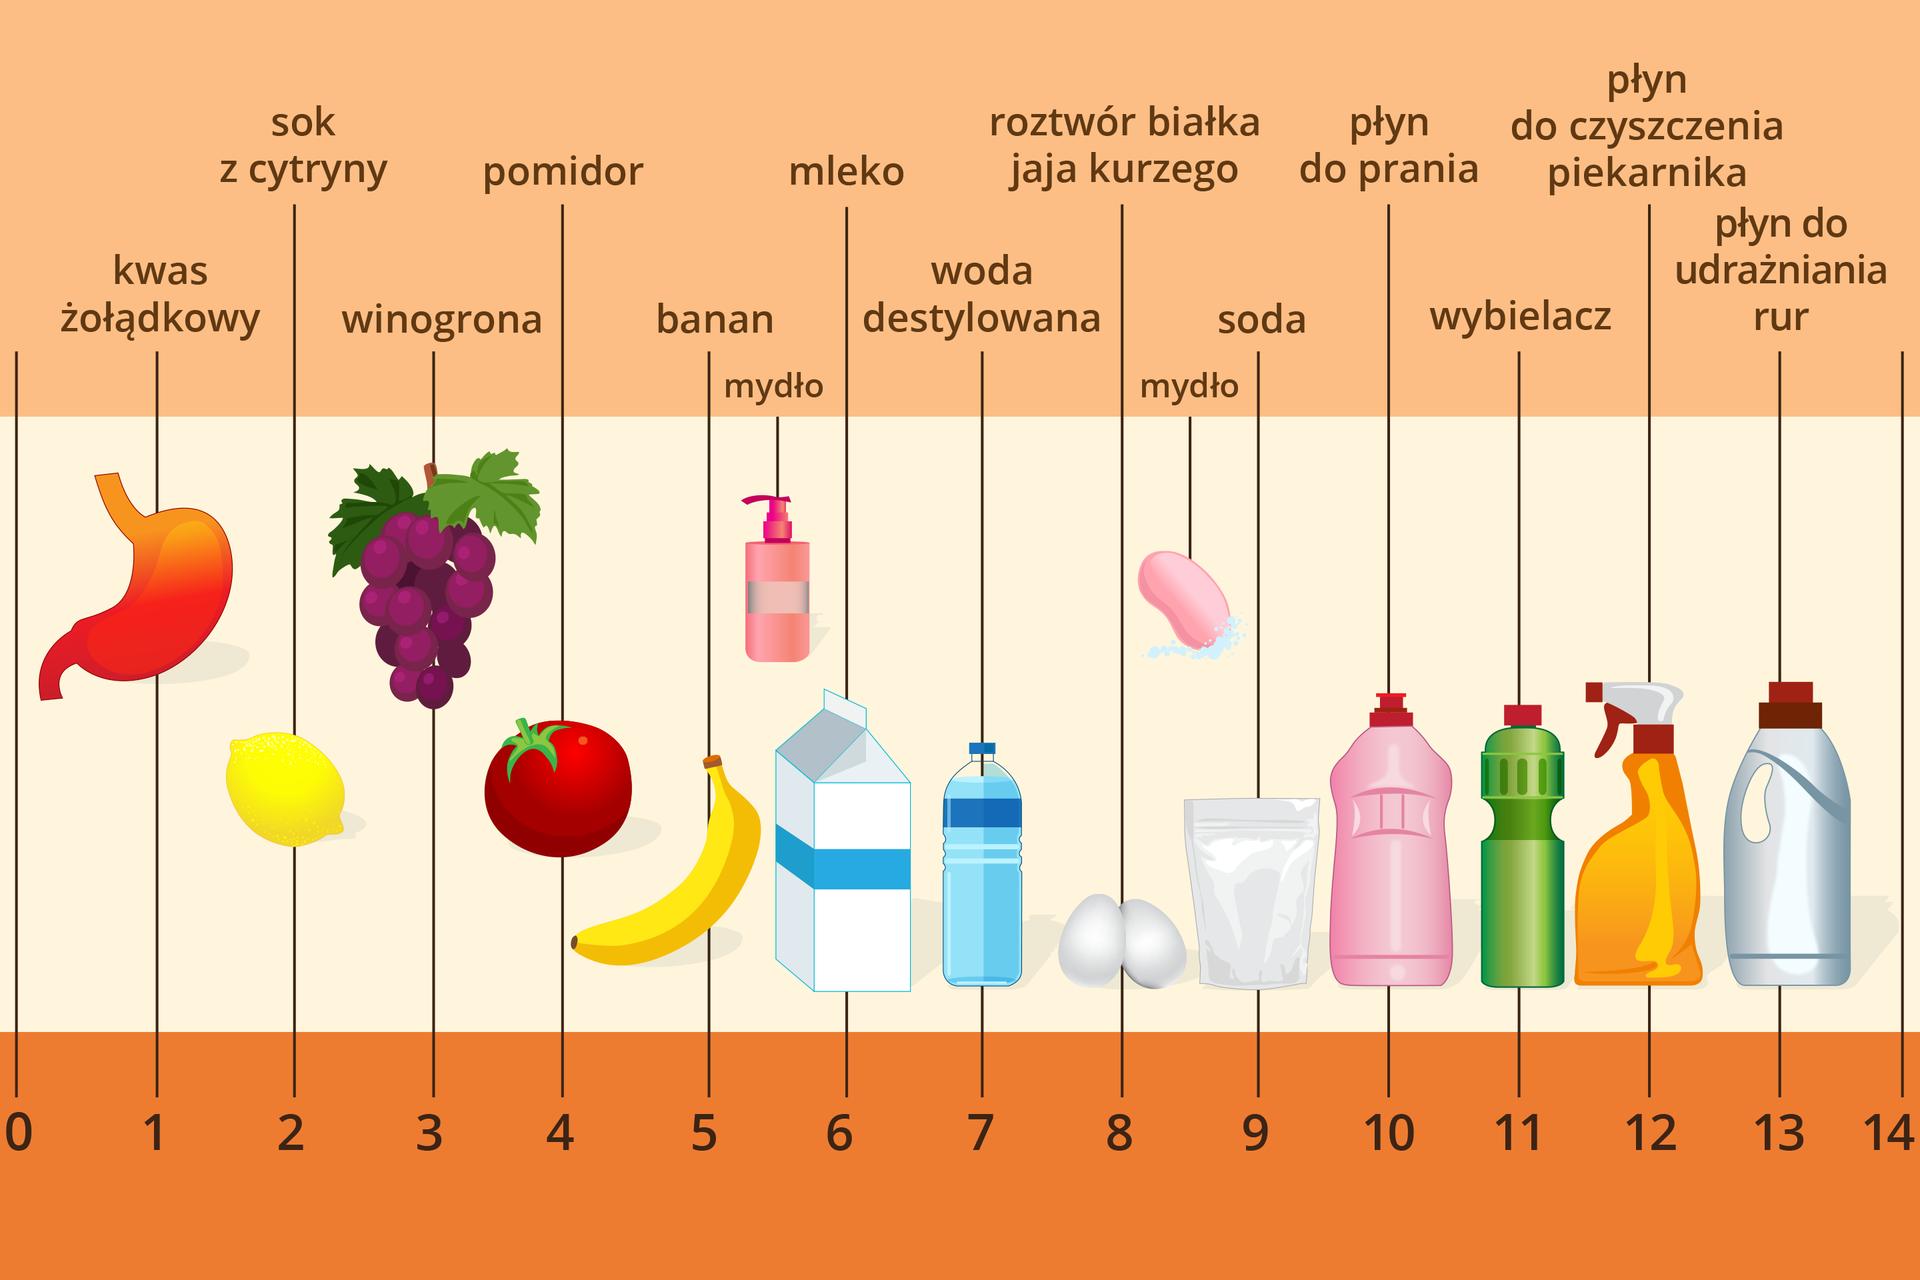 Kolorowa tabela opisująca odczyn przykładowych substancji wskali pH. Wdolnej części ilustracji znajduje się skala ponumerowana od zera do czternastu. Wcentralnej części umieszczono rysunki różnych przedmiotów, obiektów naturalnych isubstancji, awgórnej części ich nazwy. Ztabeli można się dowiedzieć, że kwas żołądkowy ma odczyn pH wynoszący 1, sok zcytryny dwa, winogrona trzy, pomidory cztery, banany pięć, mydło wpłynie pięć ipół, mleko sześć, woda destylowana siedem (a więc jest obojętna), białko jajka kurzego osiem, mydło tradycyjne osiem ipół, soda dziewięć, płyn do prania dziesięć, wybielacz jedenaście, płyn do czyszczenia piekarnika dwanaście, apłyn do udrażniania rur trzynaście.